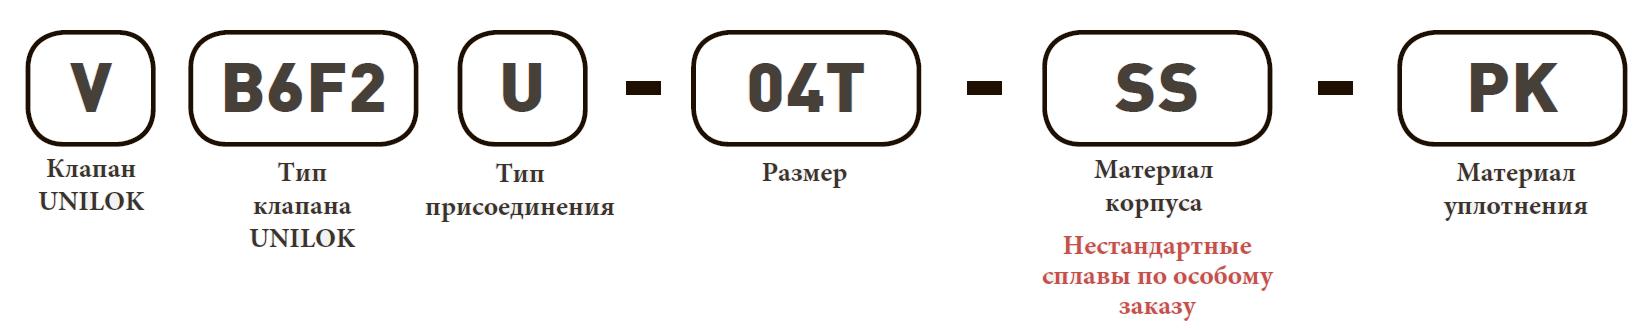 Форма заказа шарового крана VB6F